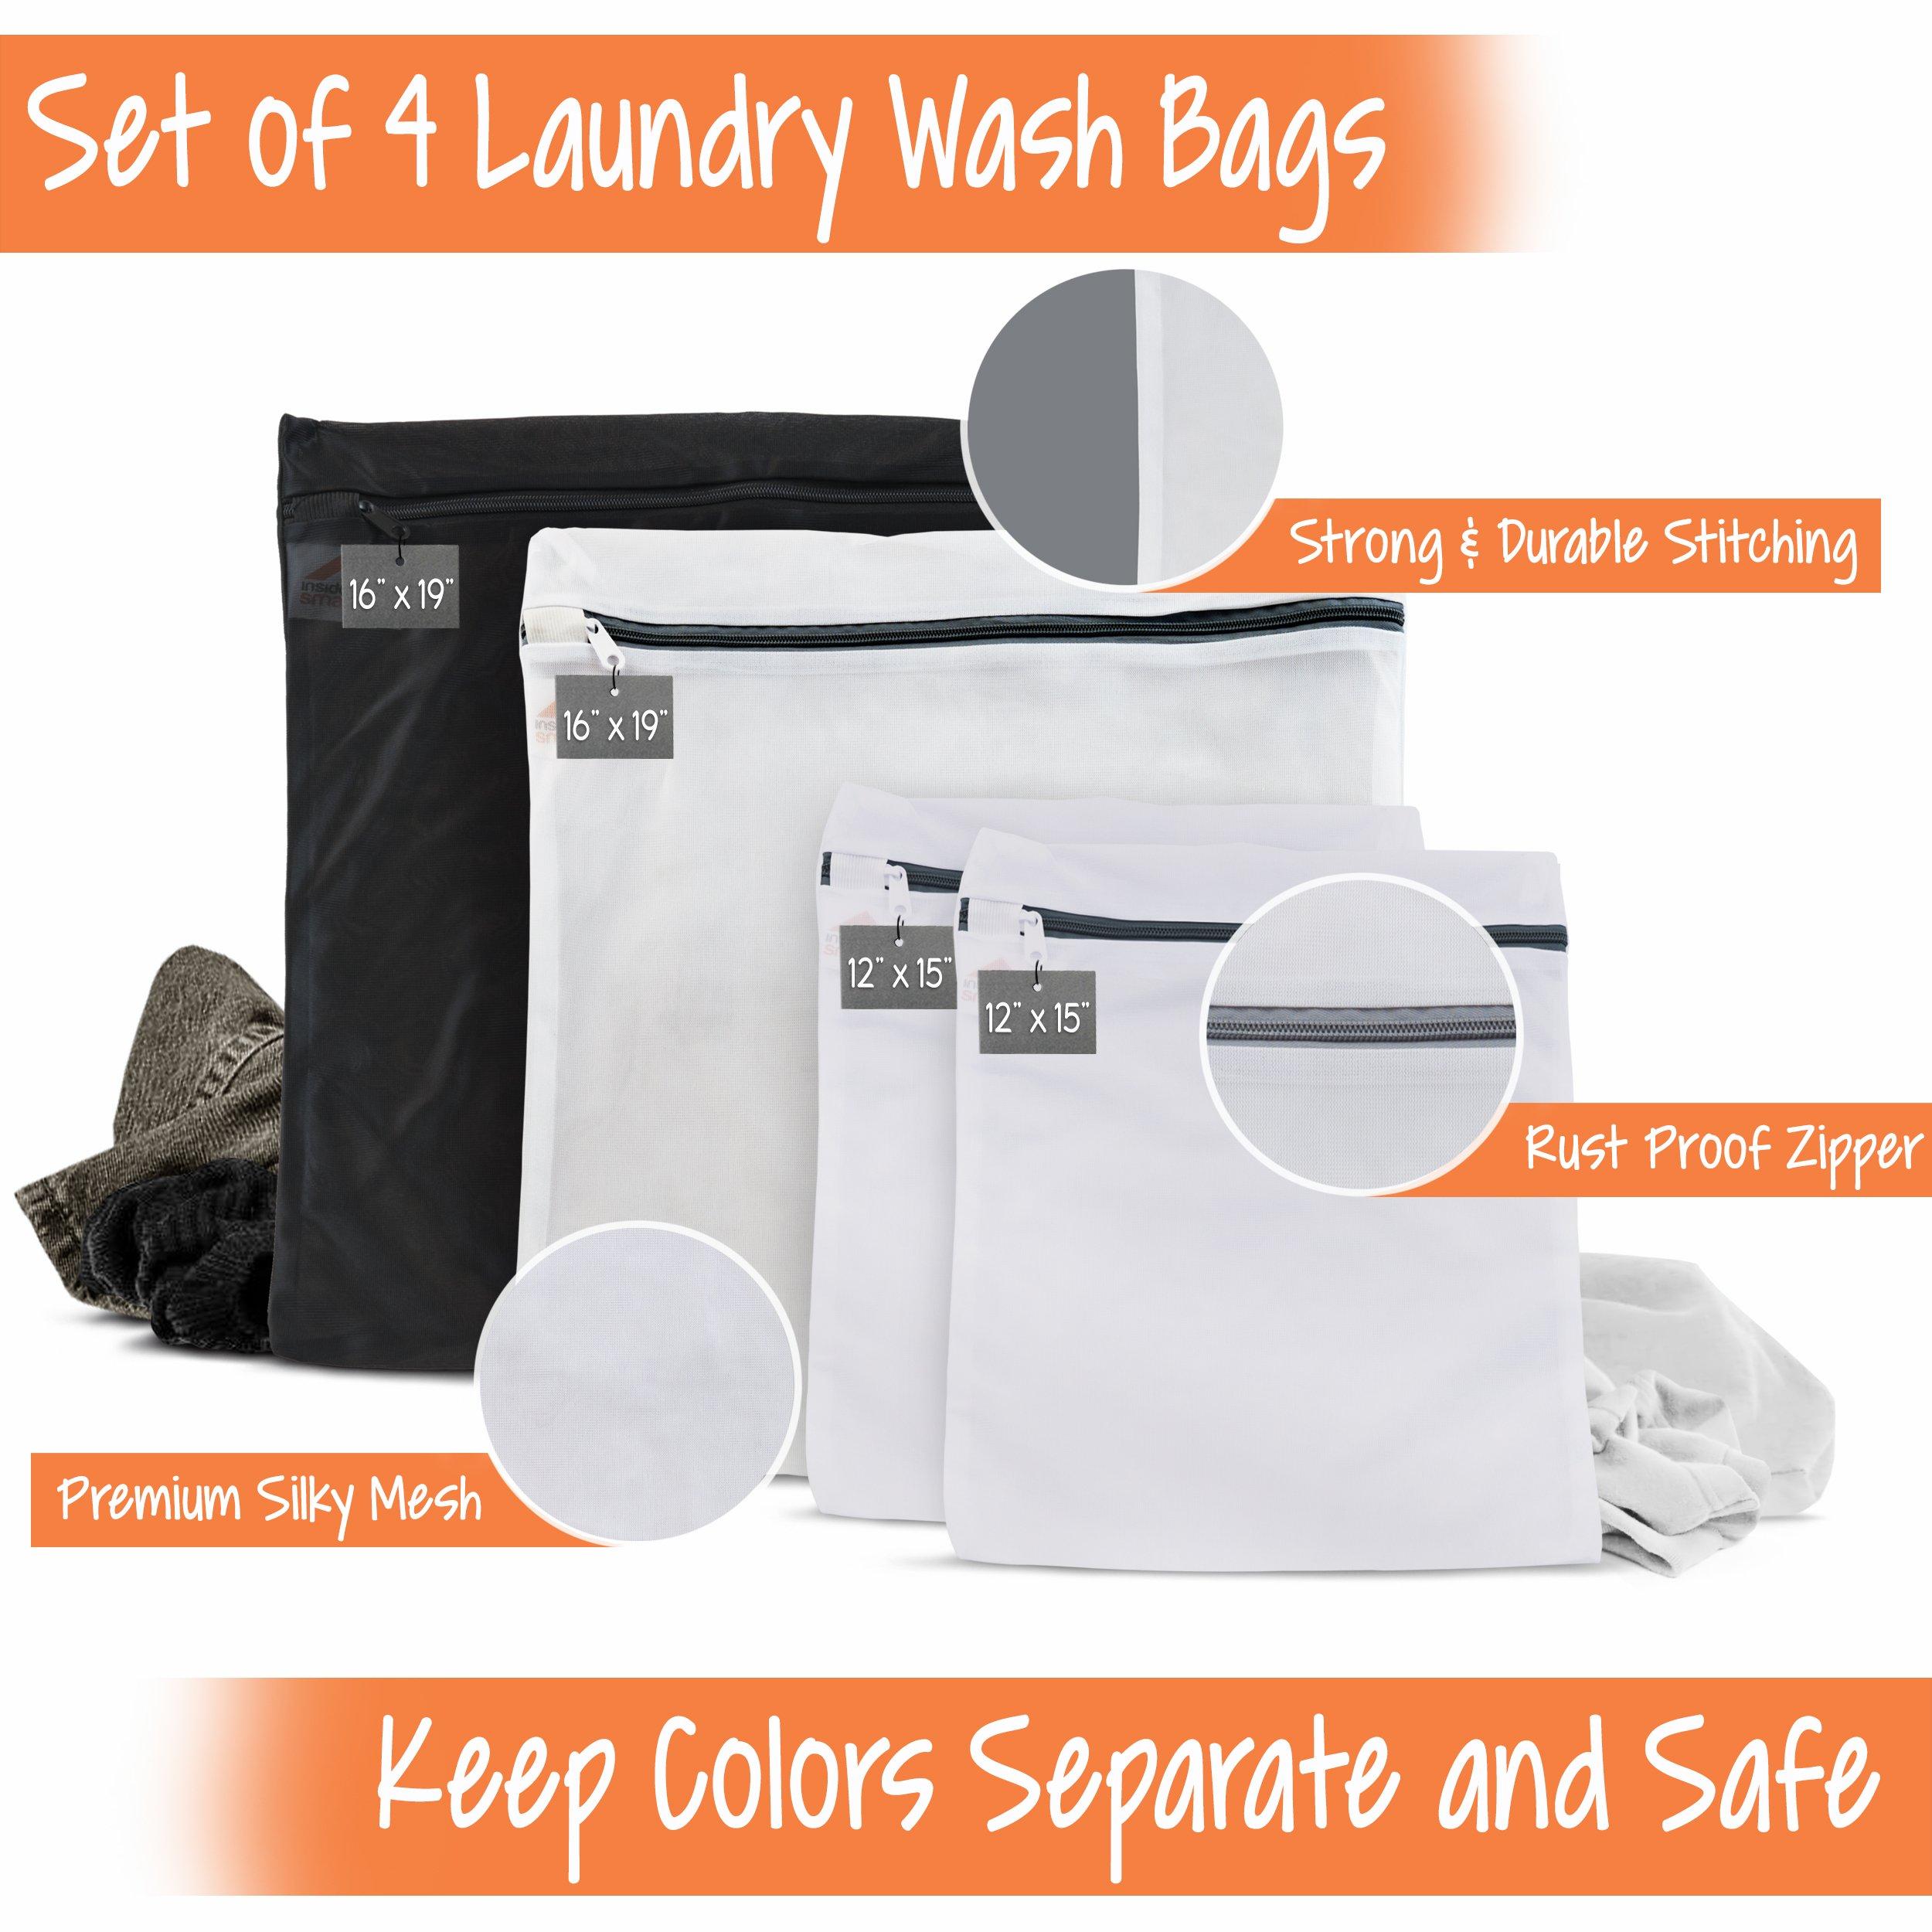 InsideSmarts Delicates Laundry Wash Bags, Set of 4 (2 Medium & 2 Large) by InsideSmarts (Image #2)